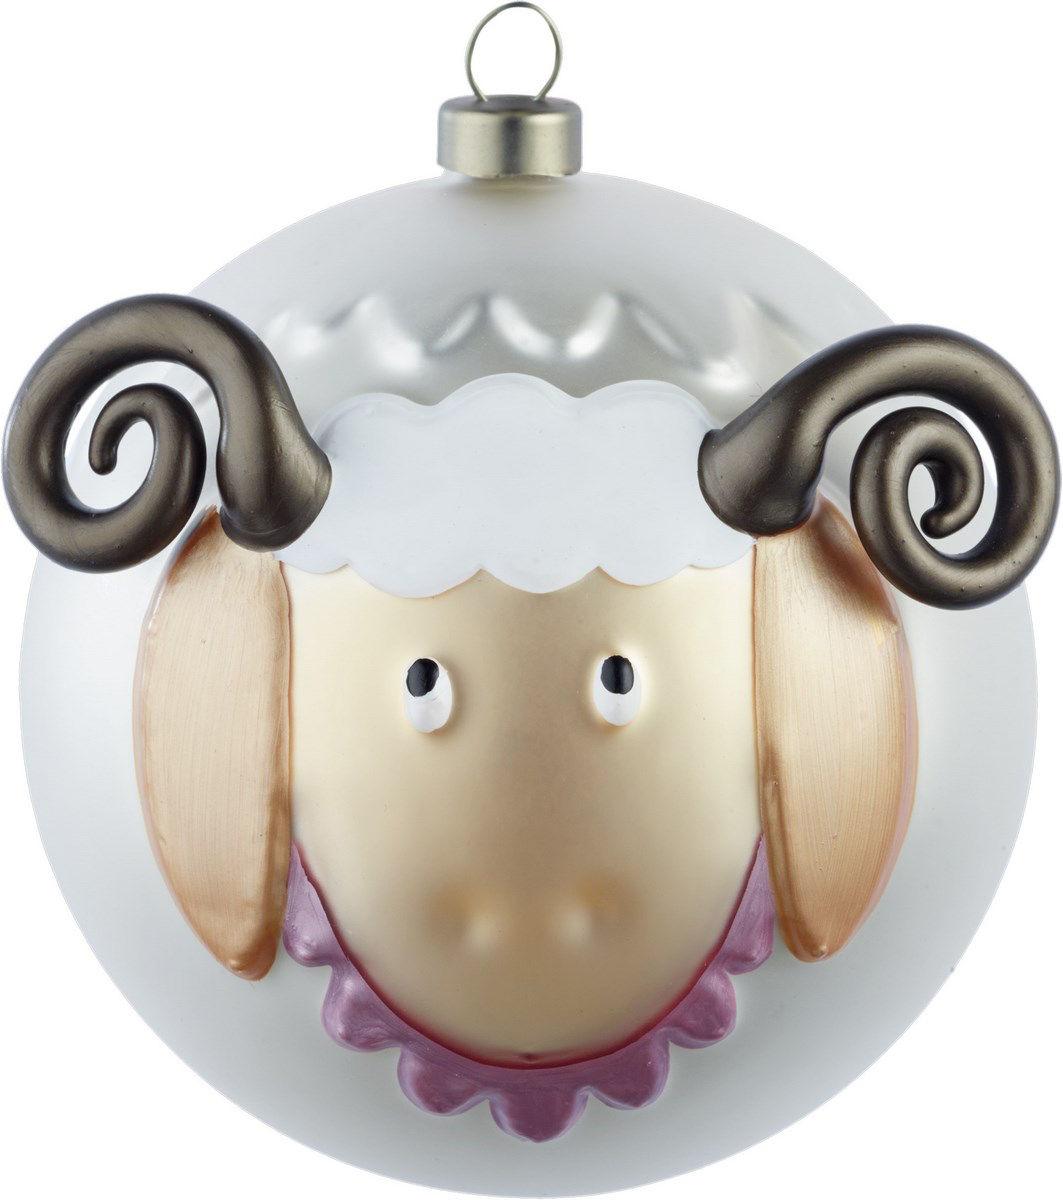 Déco - Objets déco et cadres-photos - Boule de Noël Pecorello / Mouton - A di Alessi - Mouton / Multicolore - Verre soufflé